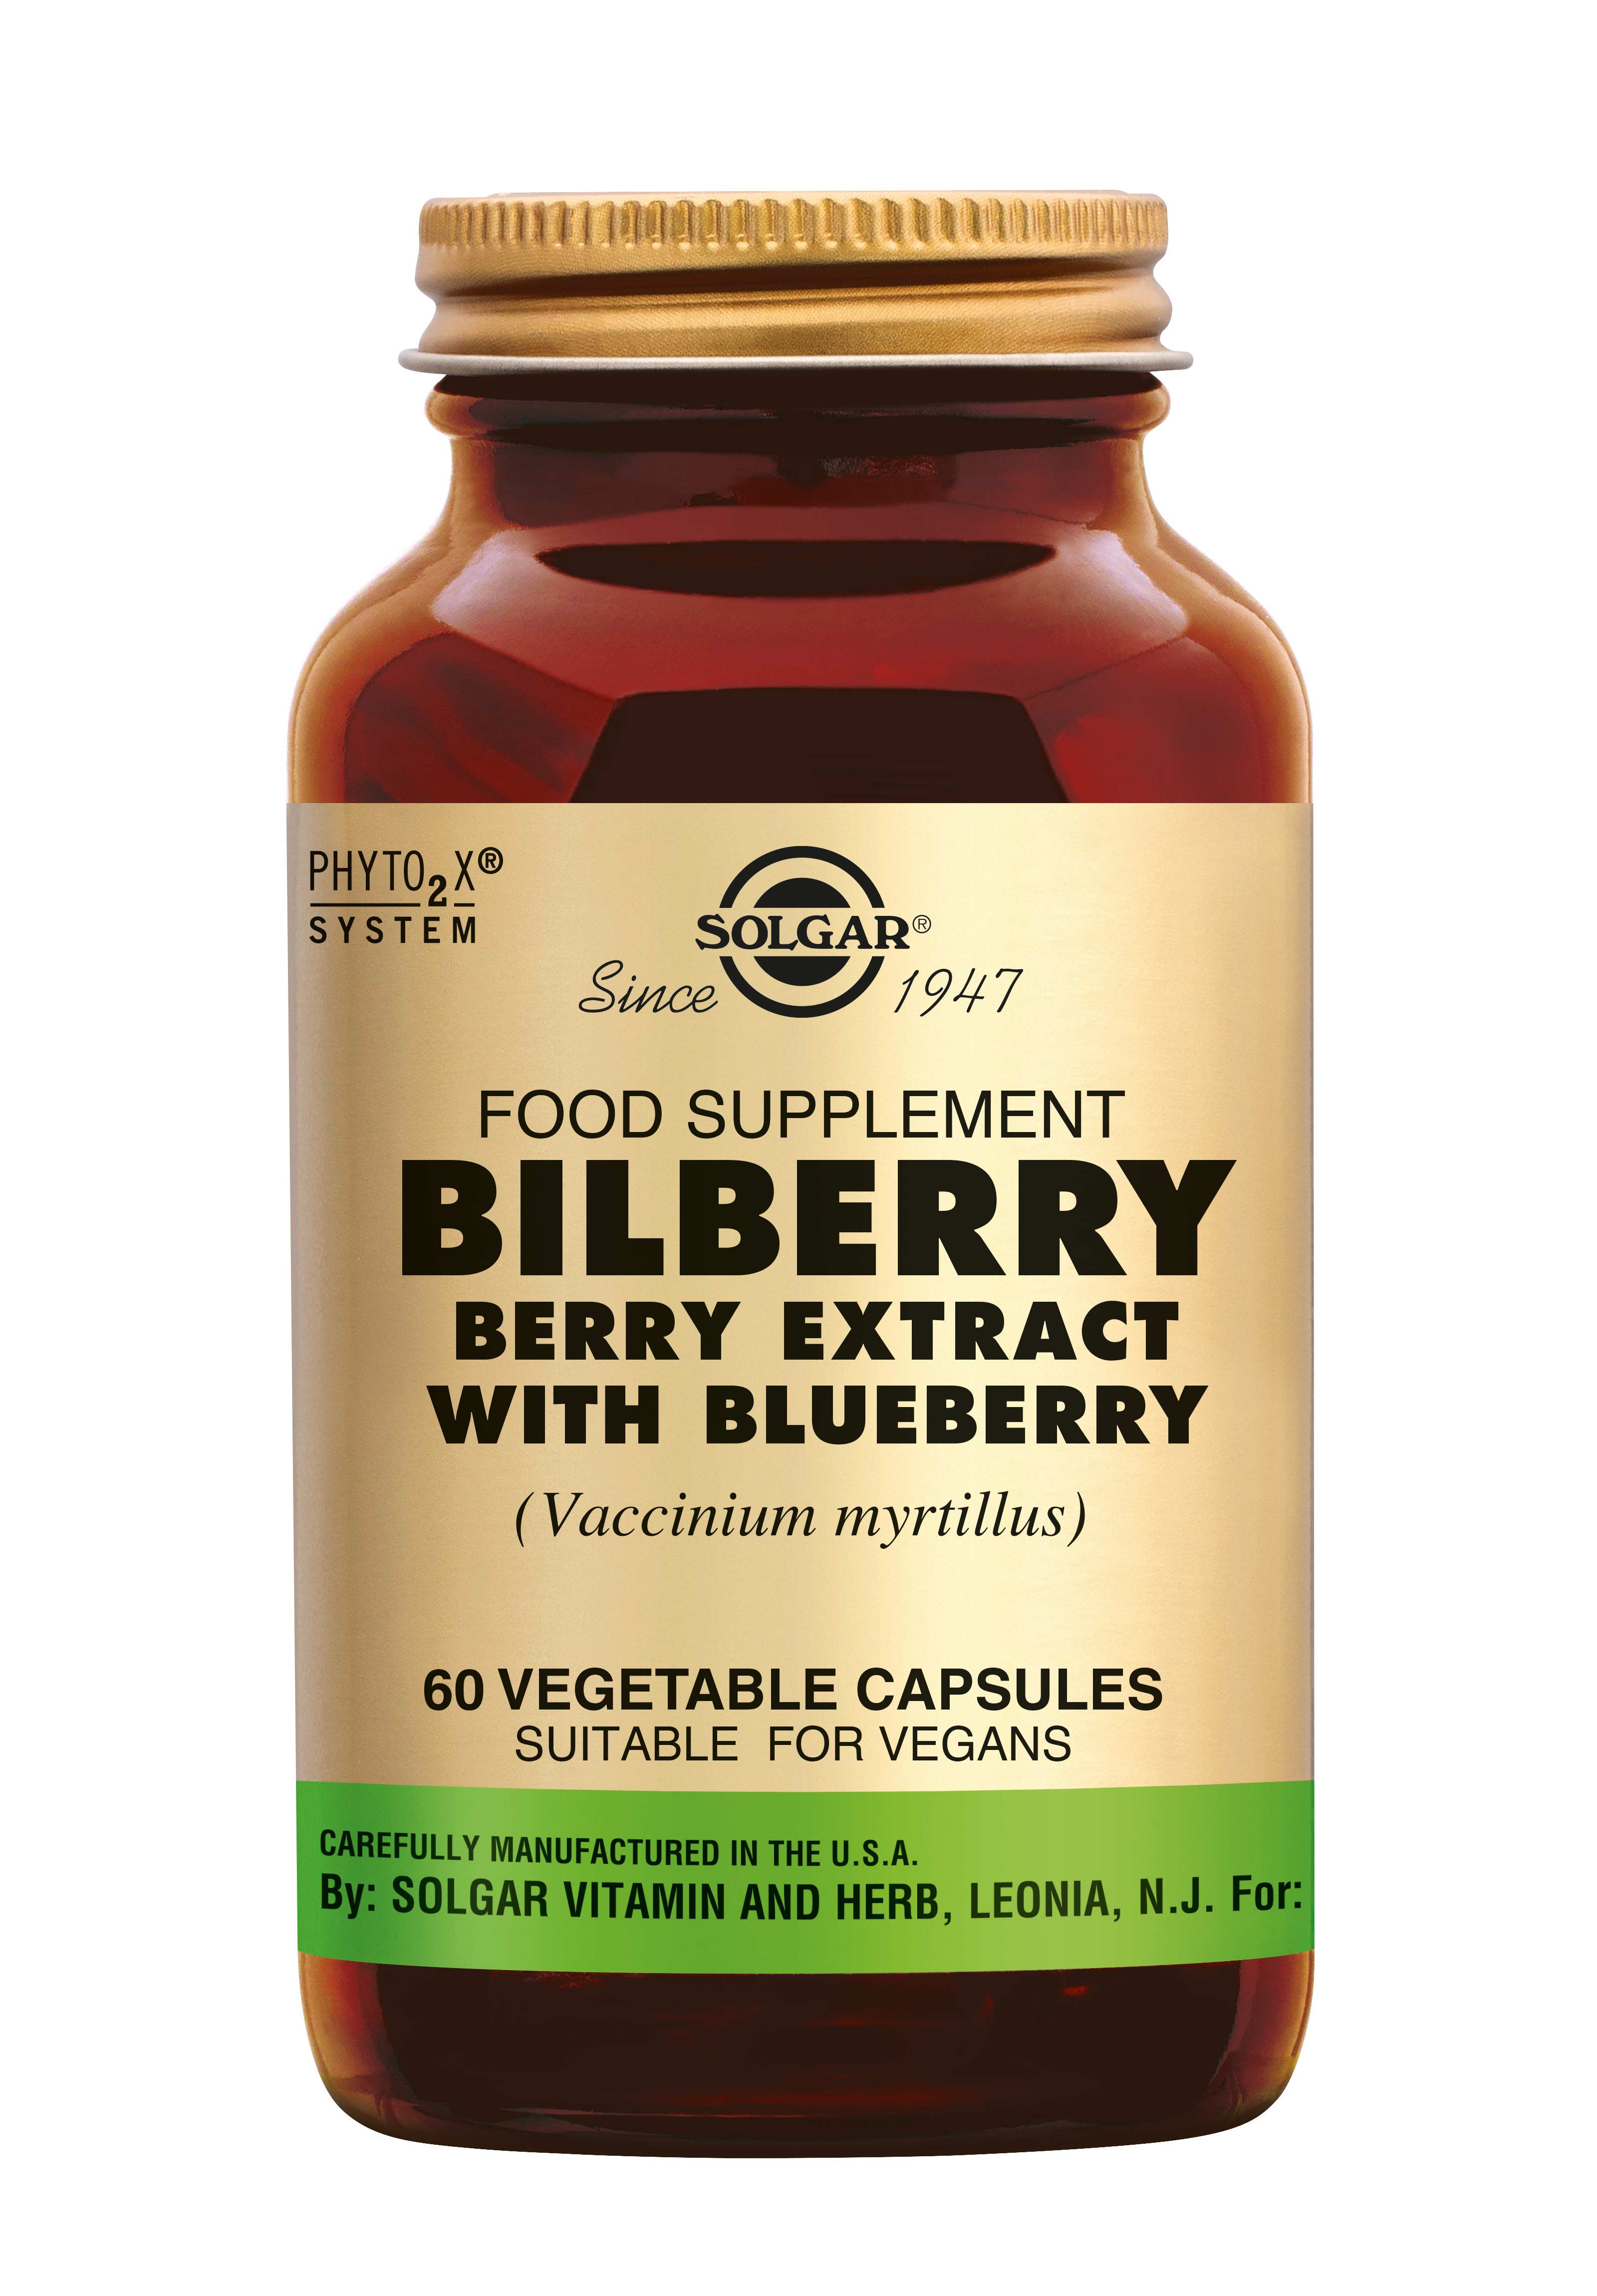 Bilberry Berry Extract, Solgar, Solgar Bilberry Berry Extract (Bosbes, Vaccinium myrtillus) is goed voor het bindweefsel en de kleine bloedvaatjes in het oog.